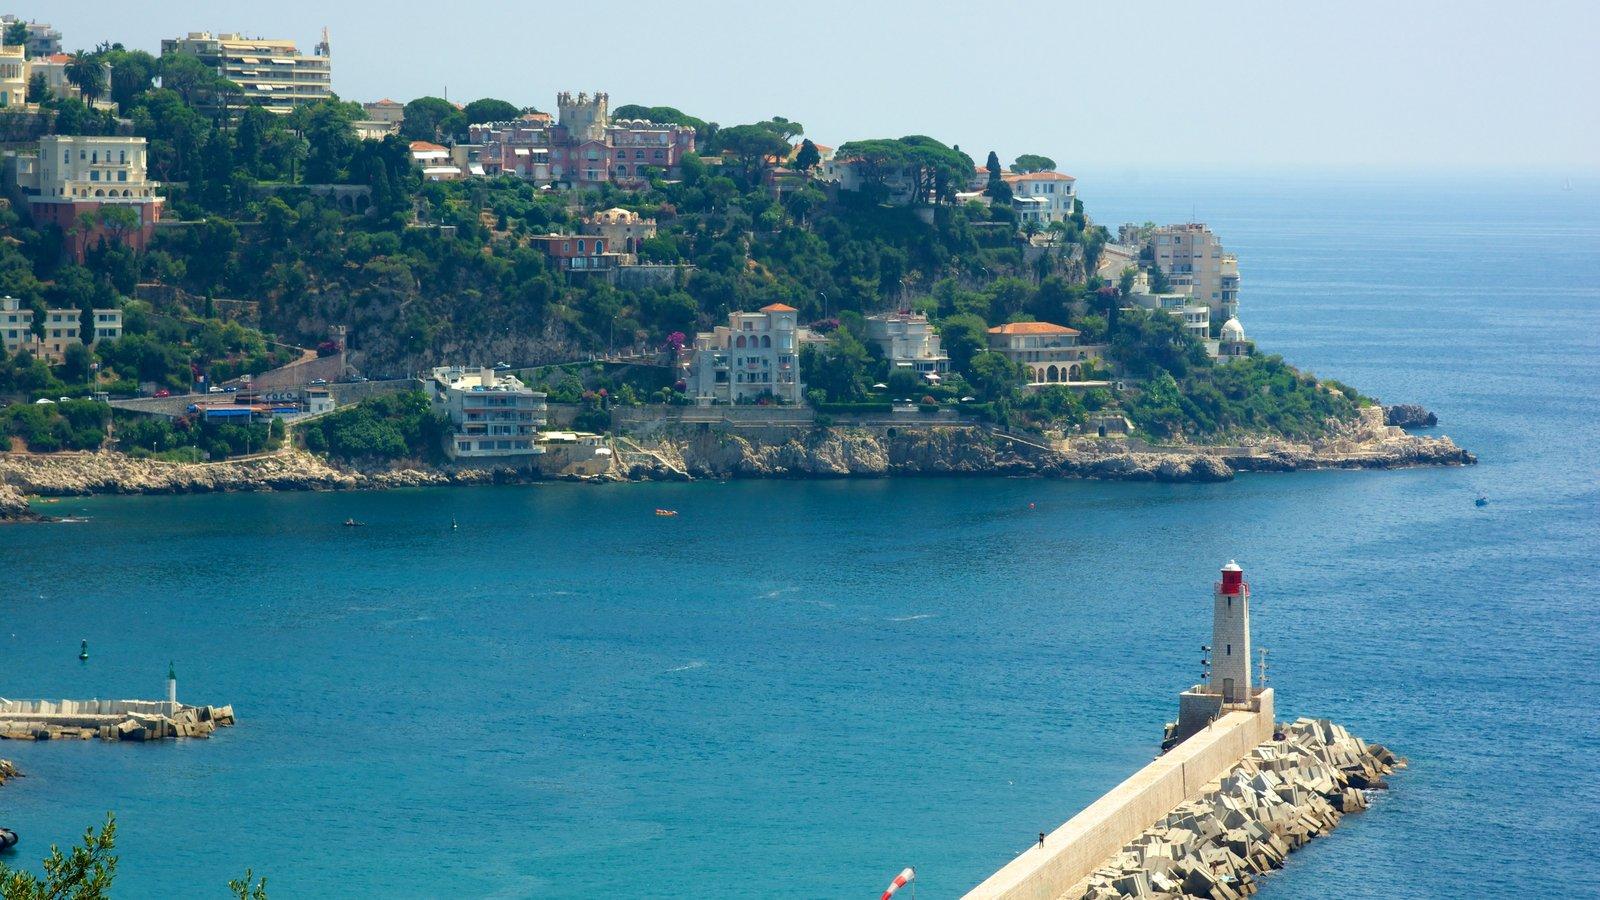 Castle Hill caracterizando litoral acidentado, uma cidade litorânea e um farol